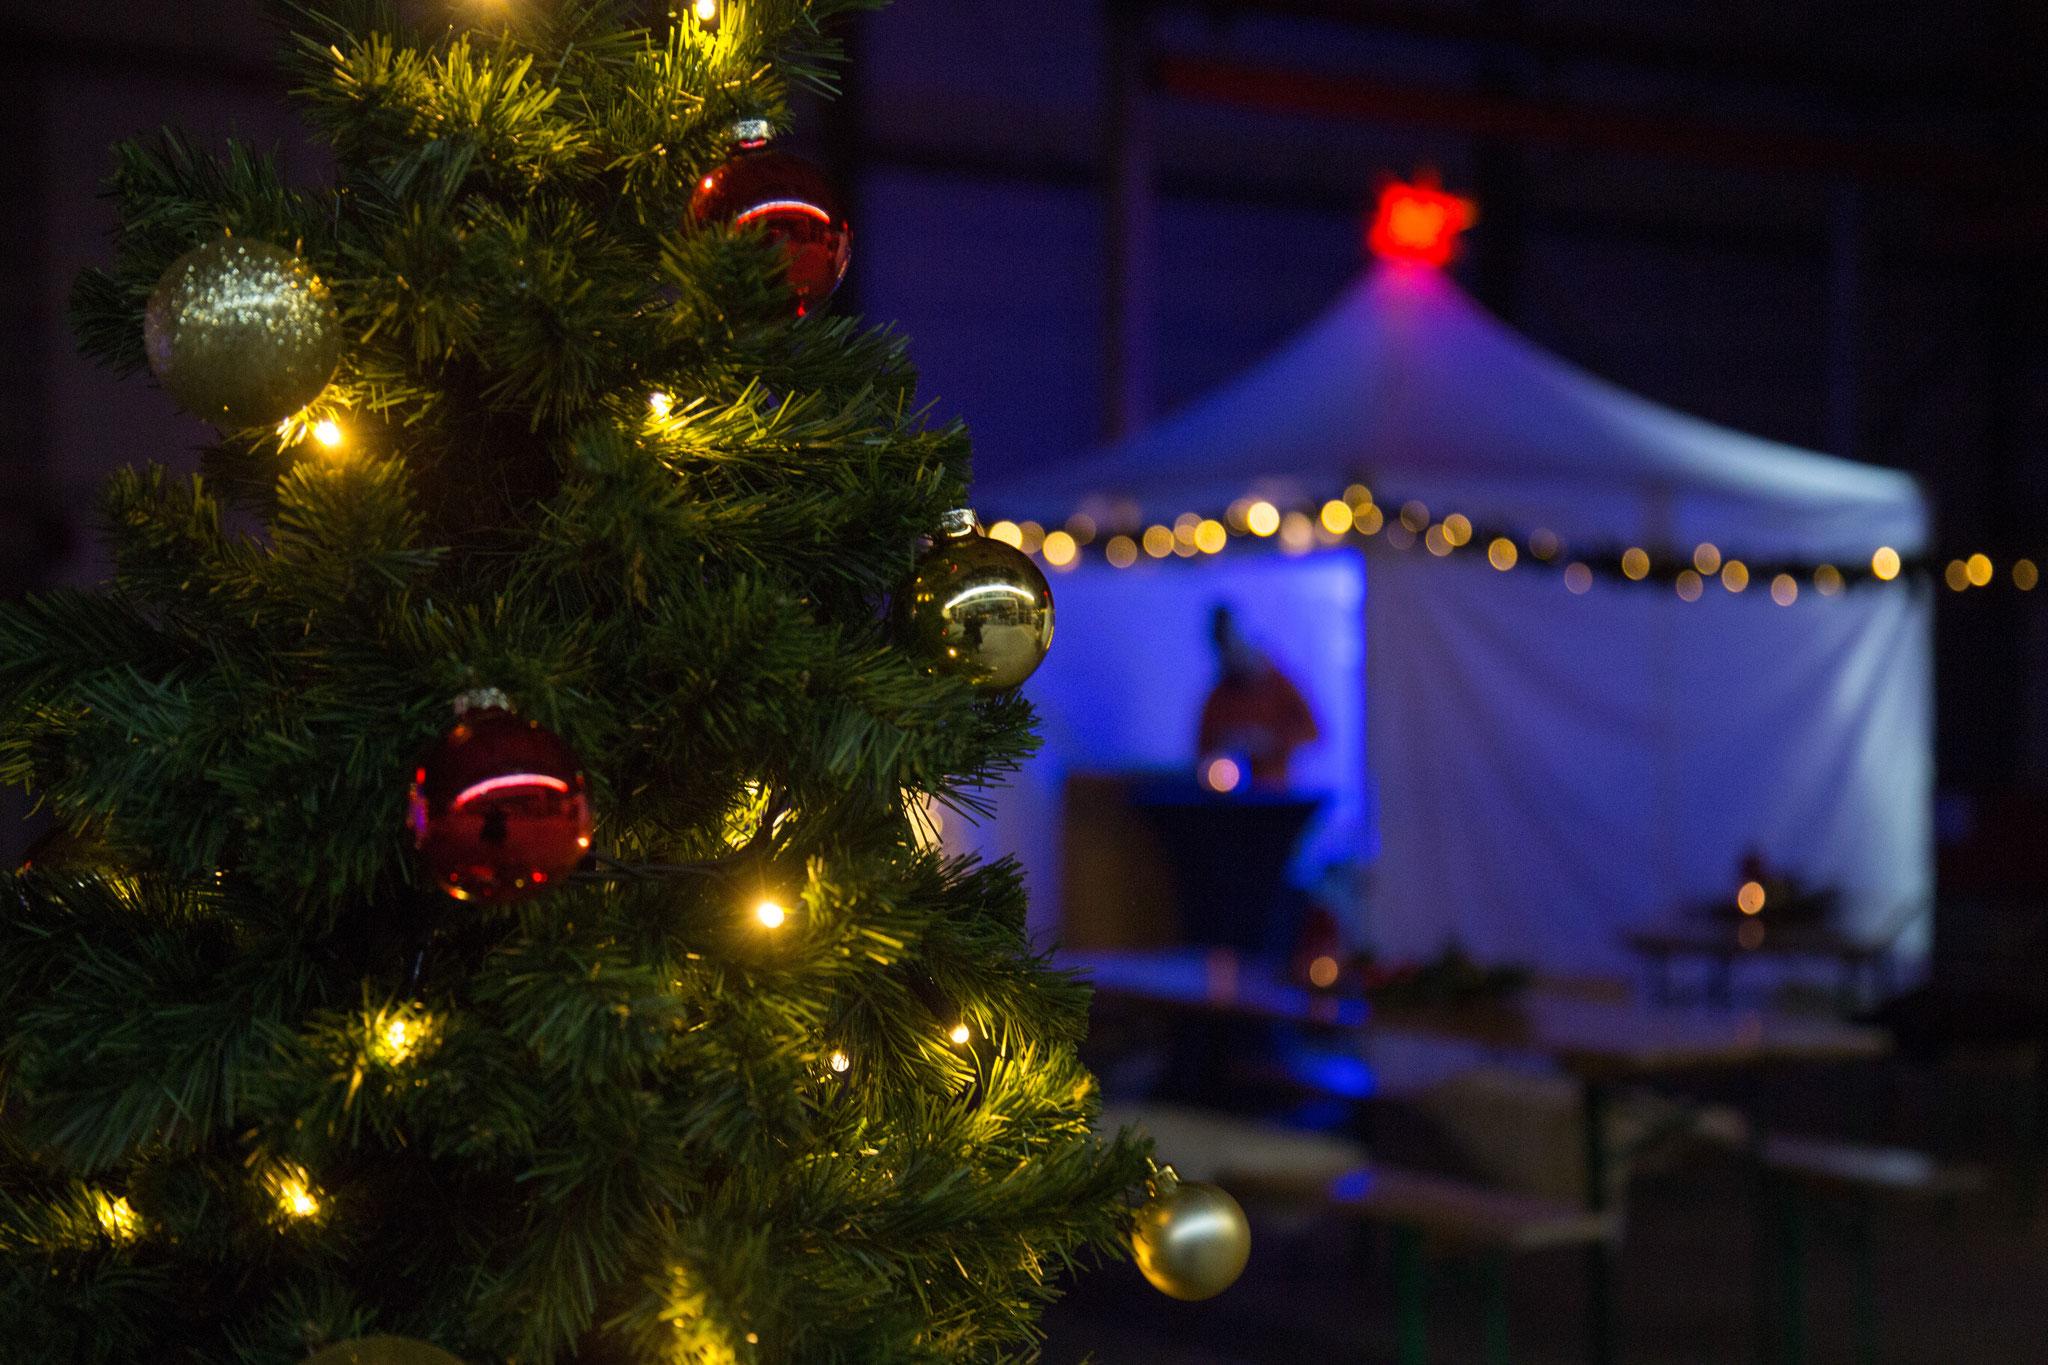 Geschmückter Weihnachtsbaum für die Weihnachtsfeier